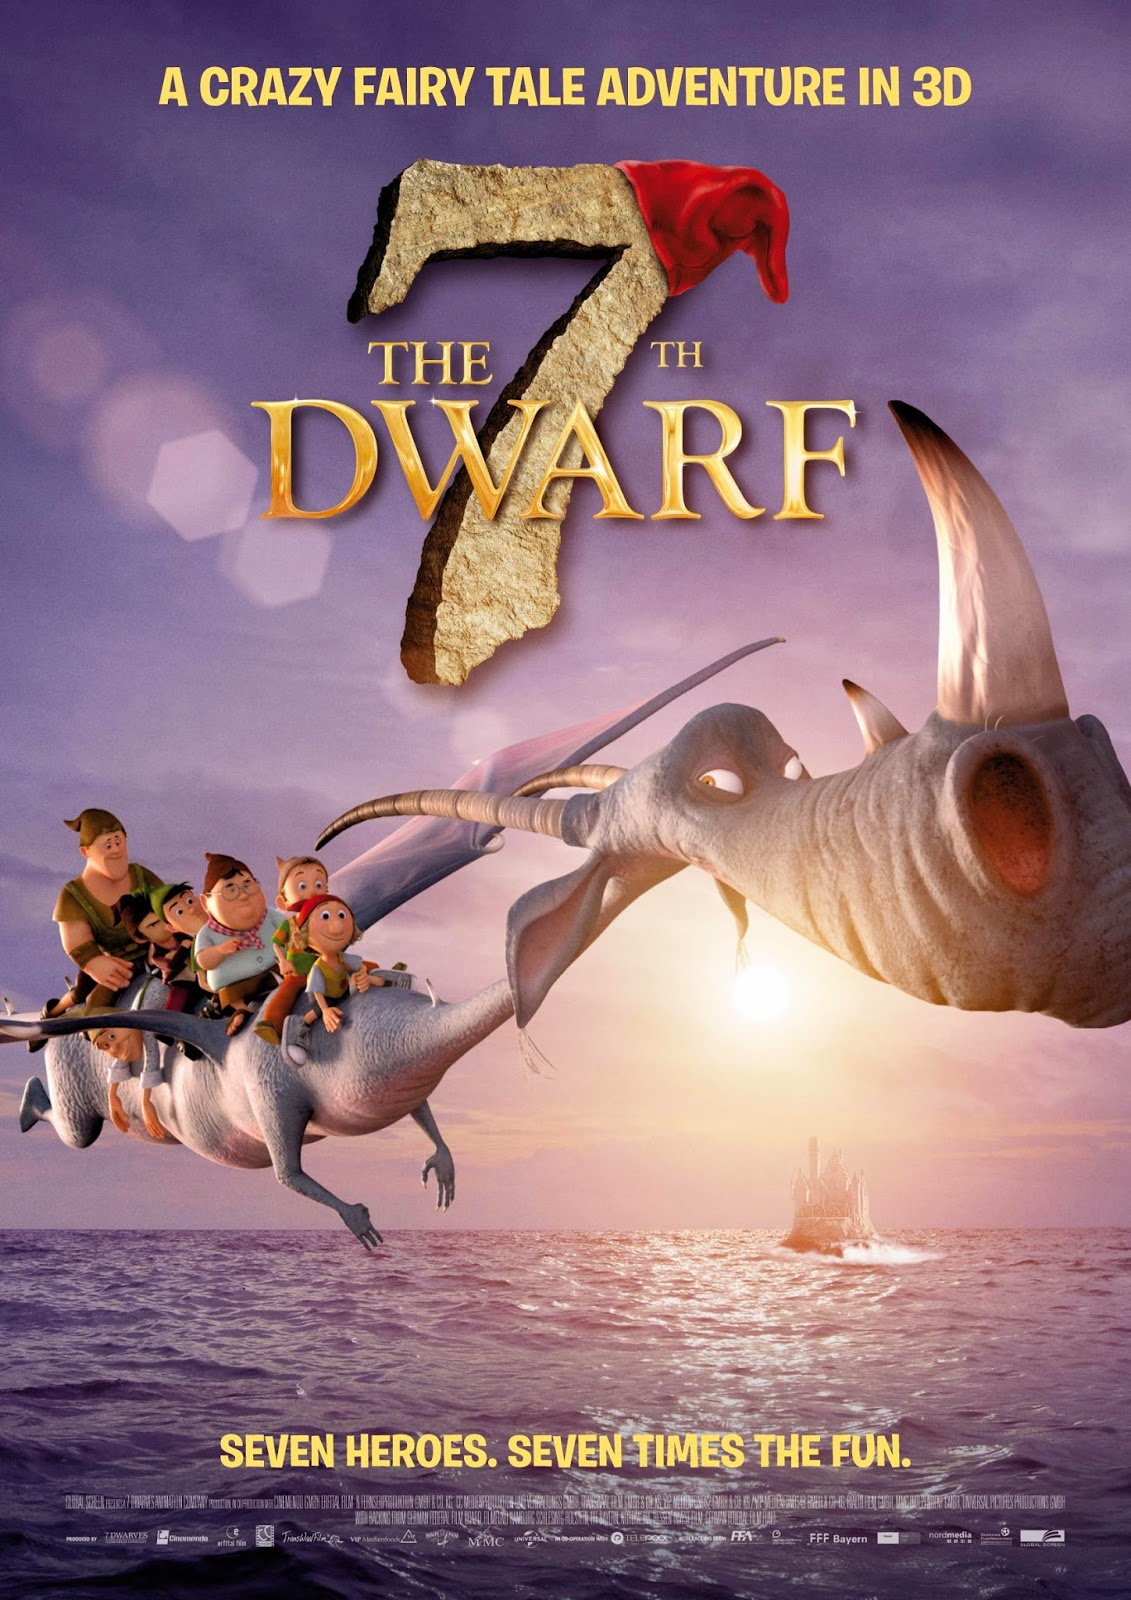 The 7th Dwarf 2014